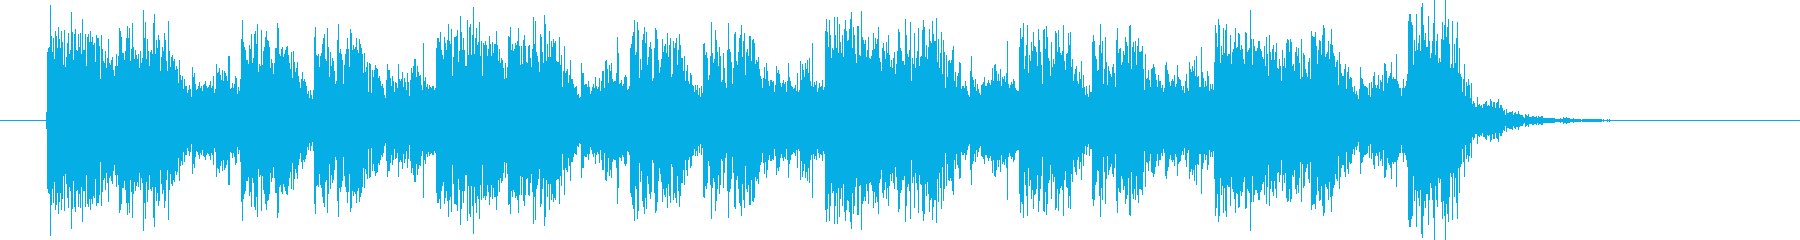 躍動感あるダークなシンセジングルの再生済みの波形